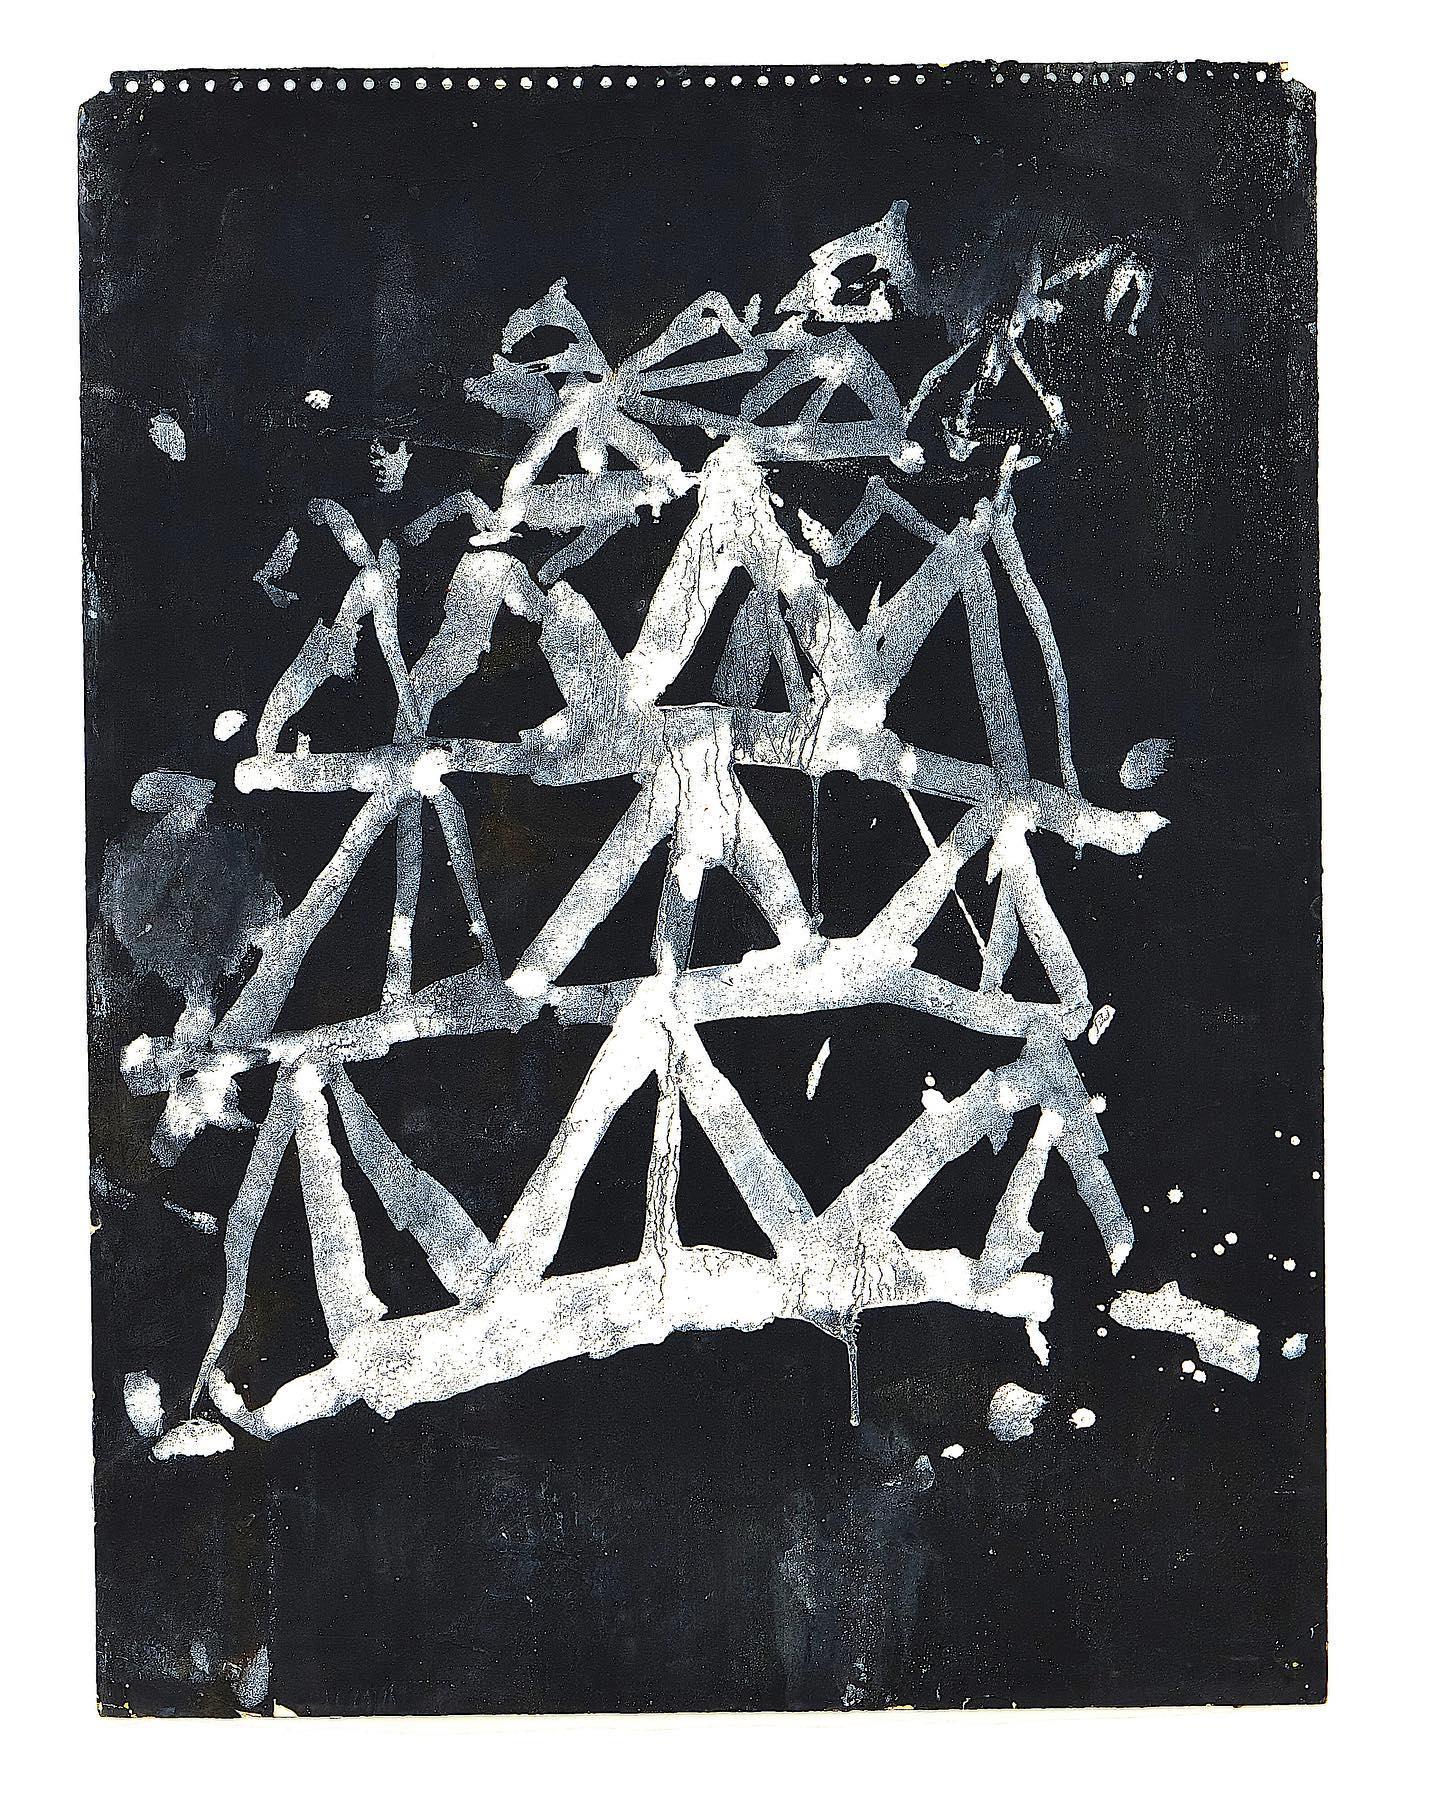 Invenția eului, o expoziție personală a artistului Iulian Mereuță, curatoriată de Ami Barak, la Galeria Sector 1